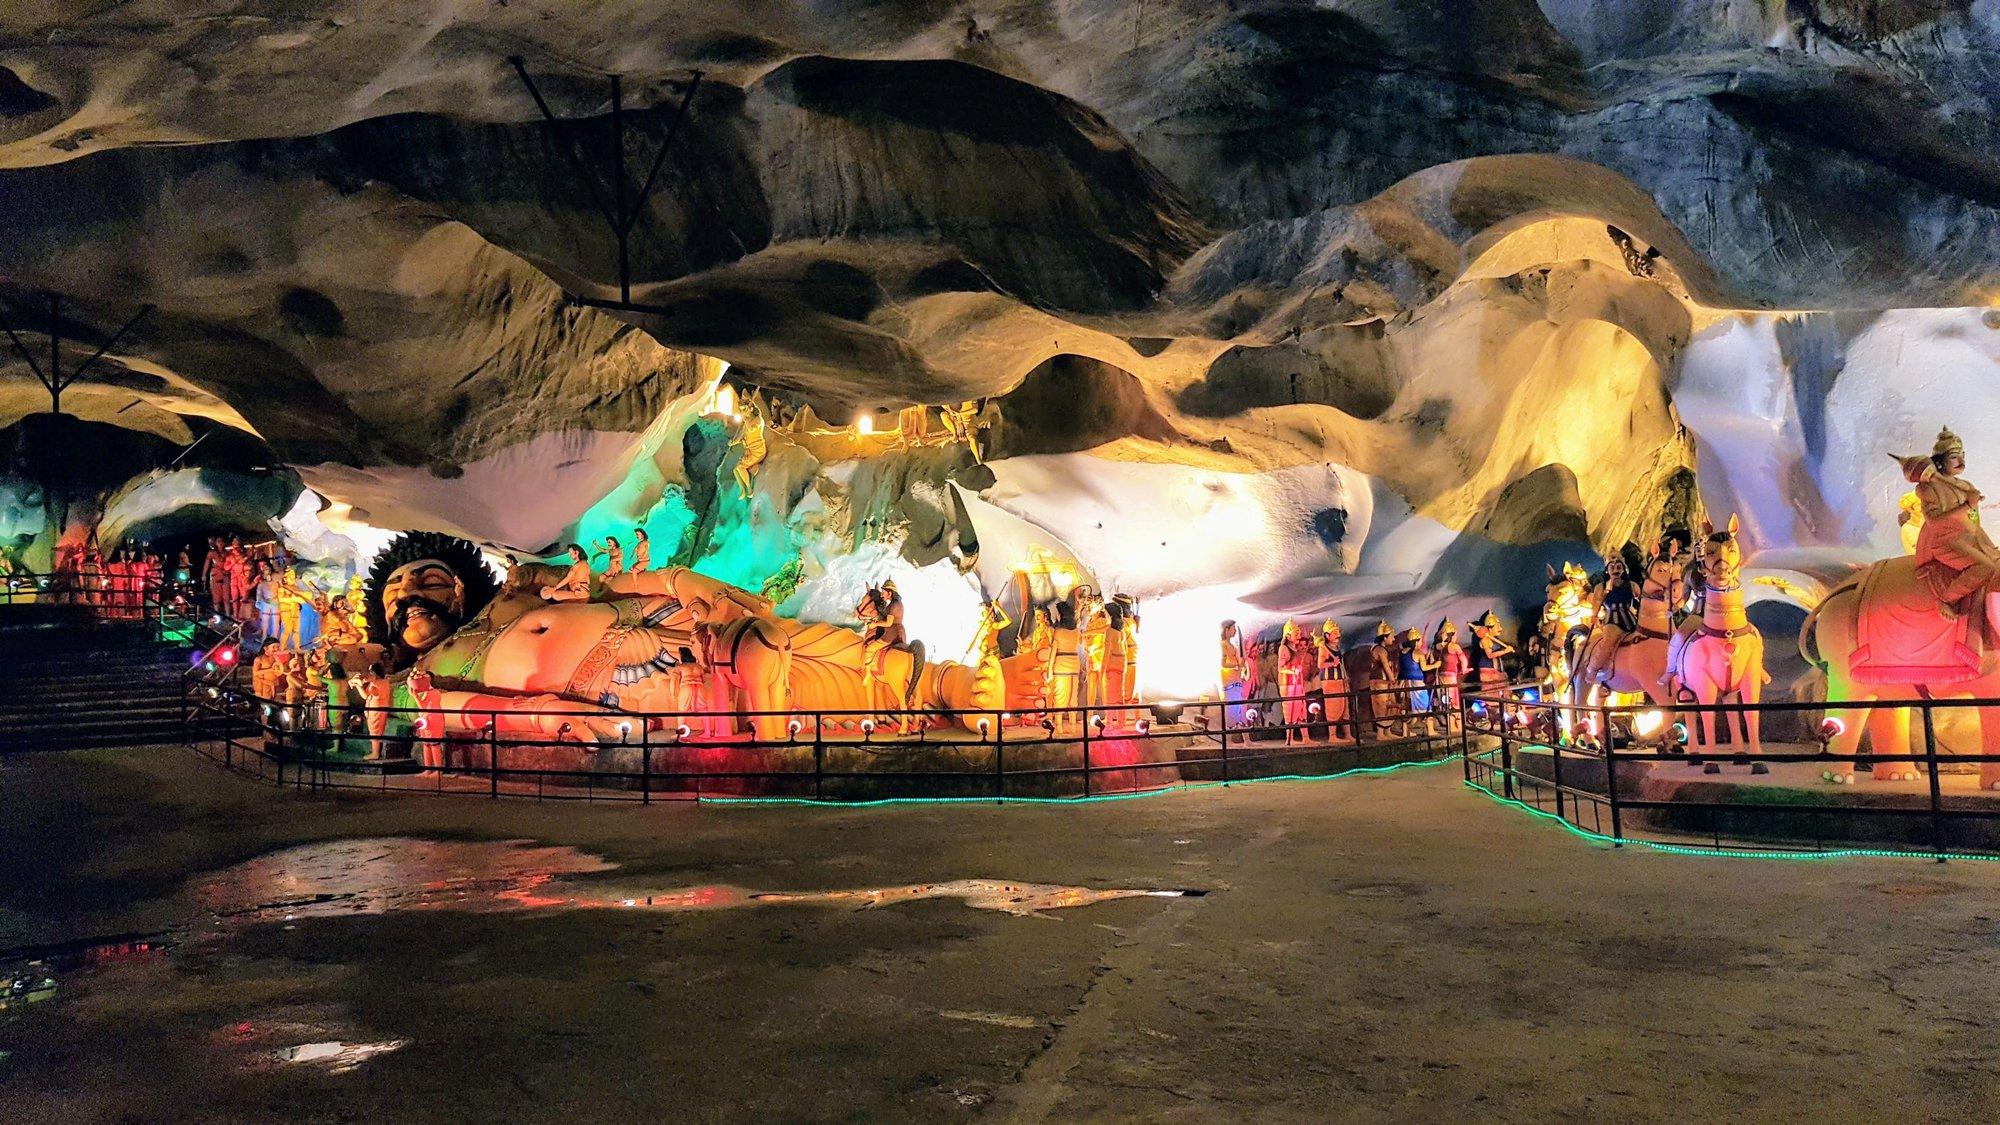 другие пещеры сразу возле пещер Бату (Batu Caves) (Batu Caves)